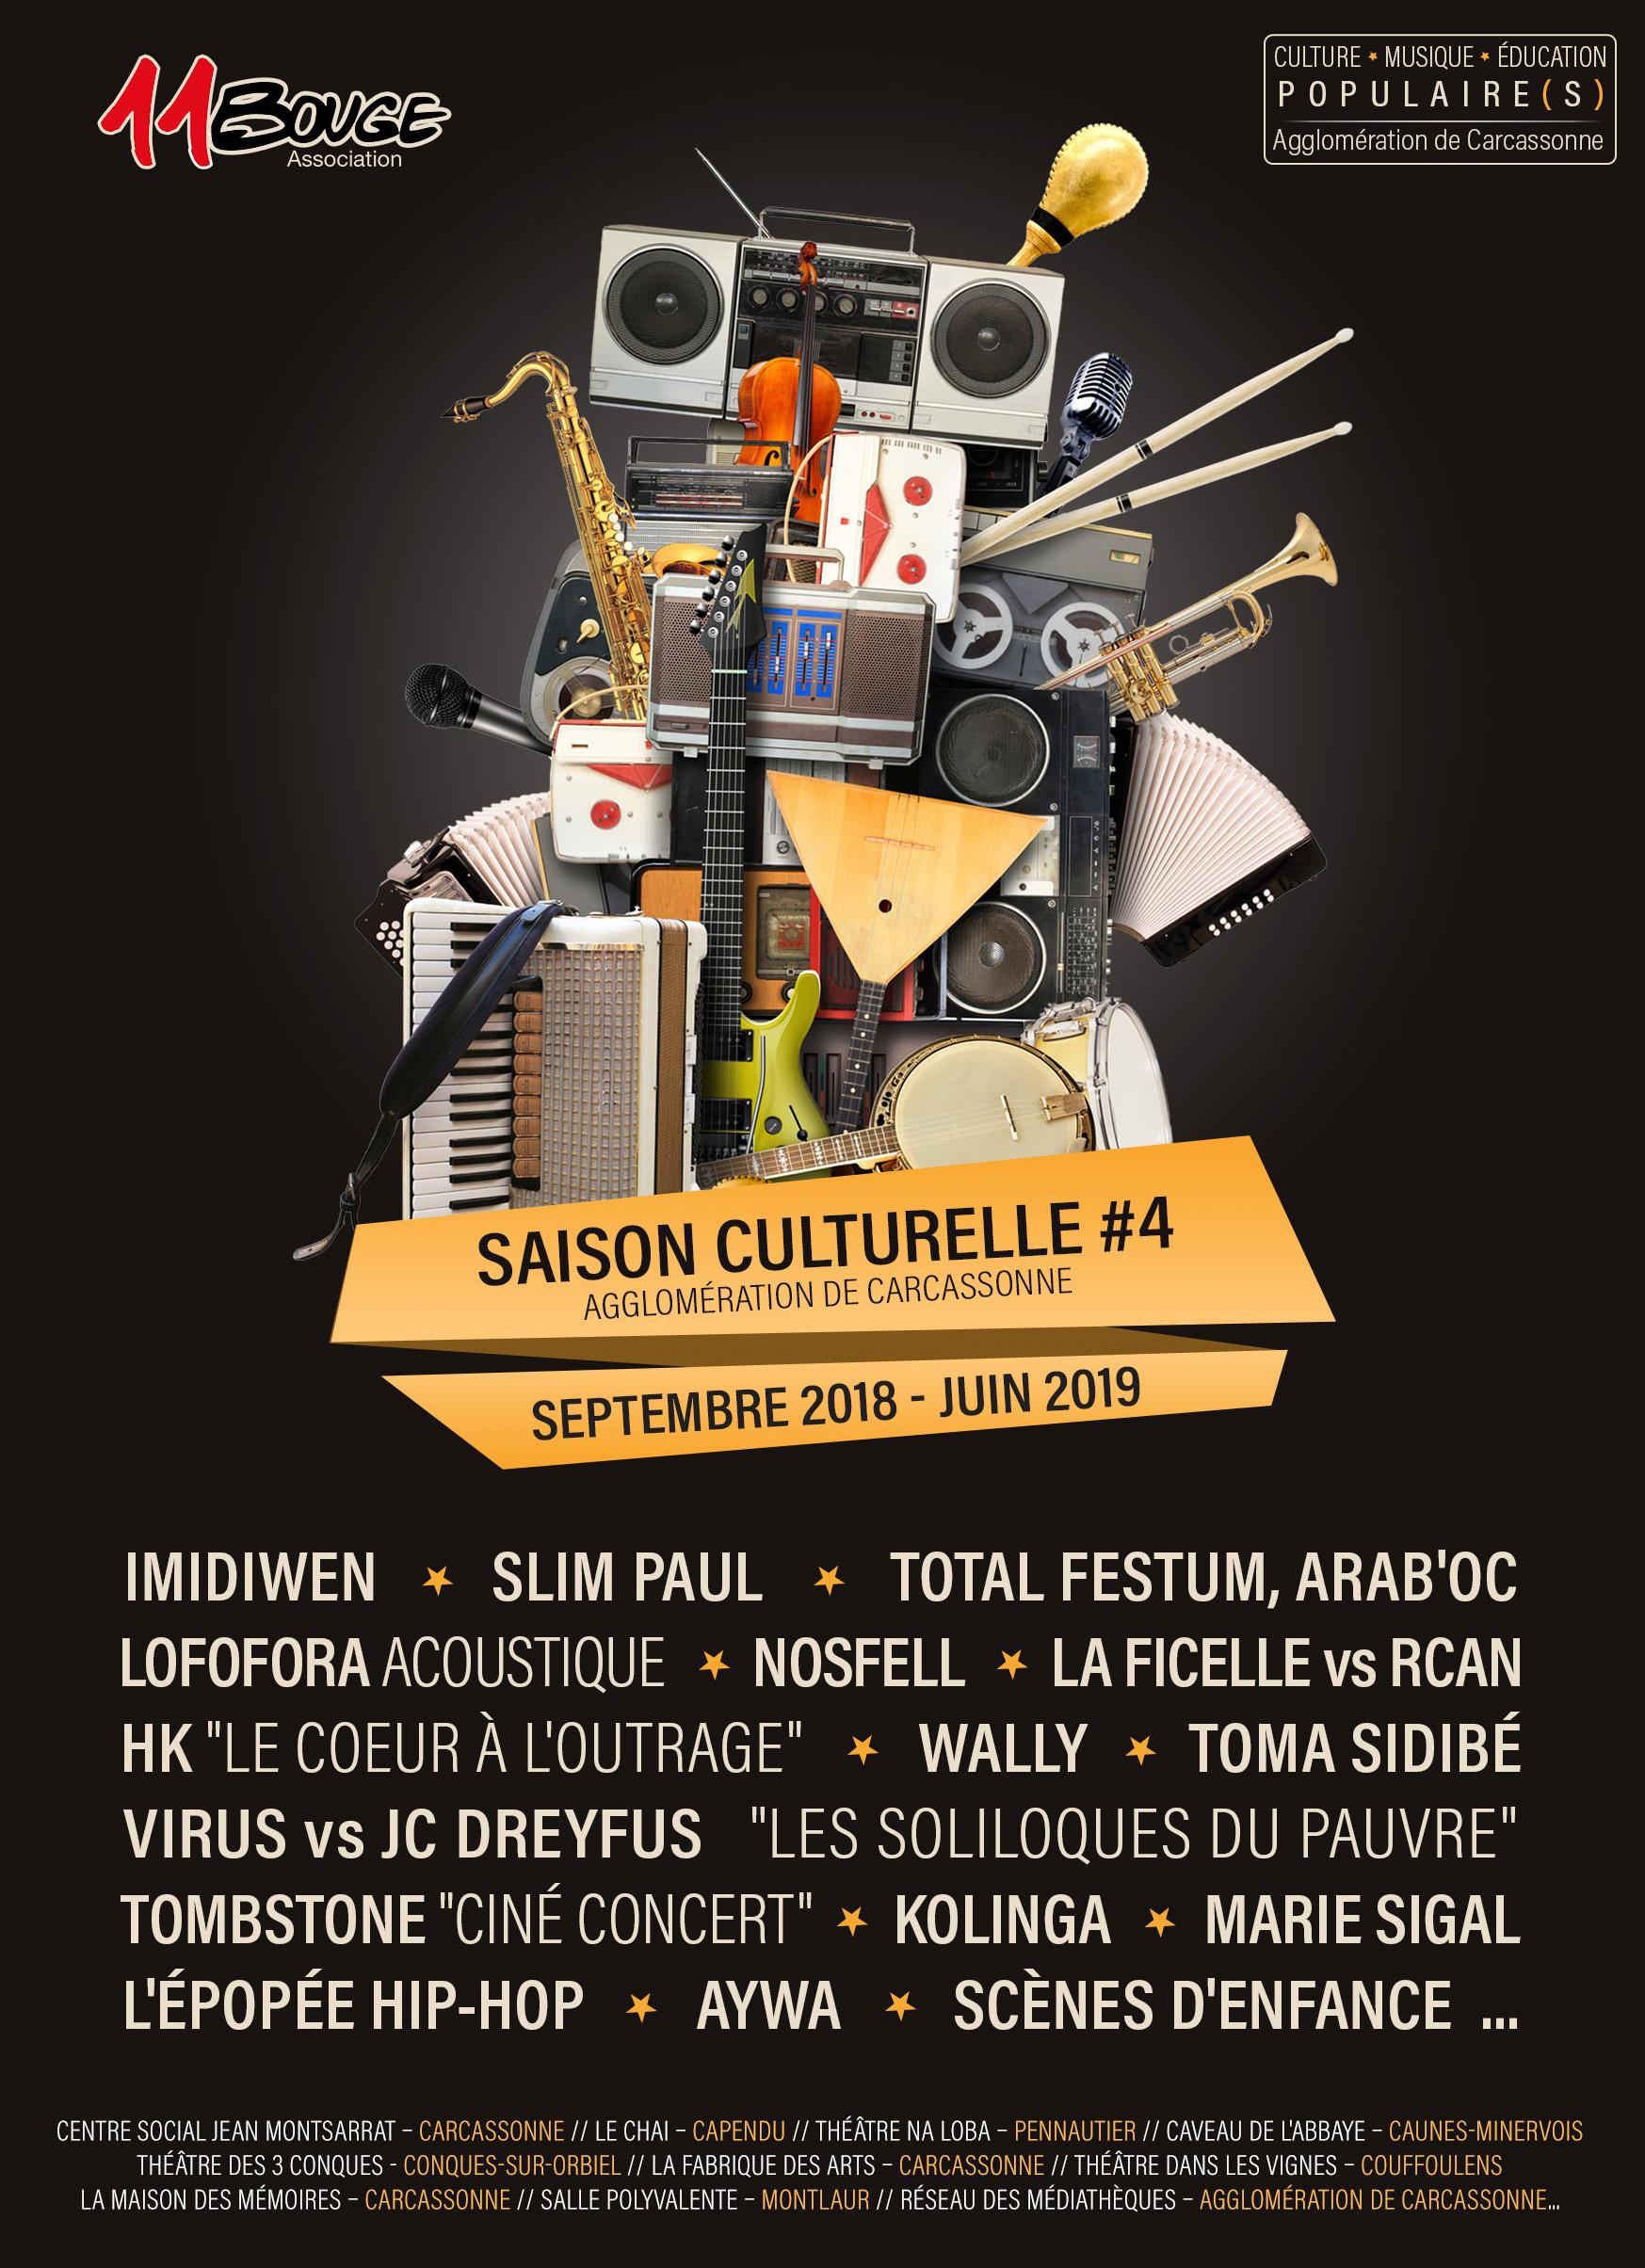 saison culturelle de l'association 11bouge à Carcassonne et agglomération 2018 - 2019